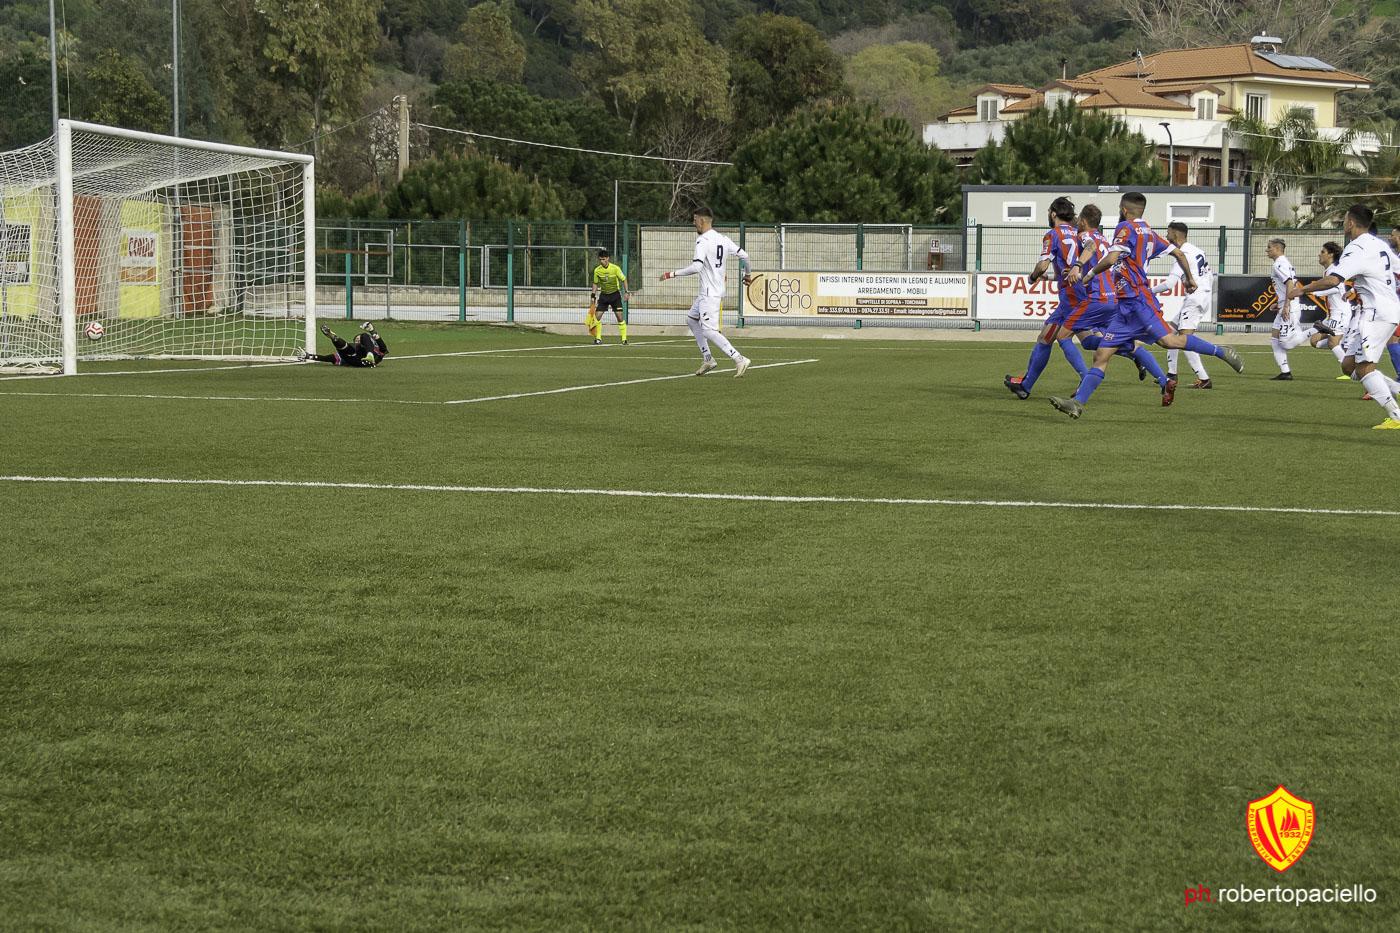 Polisportiva Santa Maria  1-1 Paternò Calcio, la sintesi